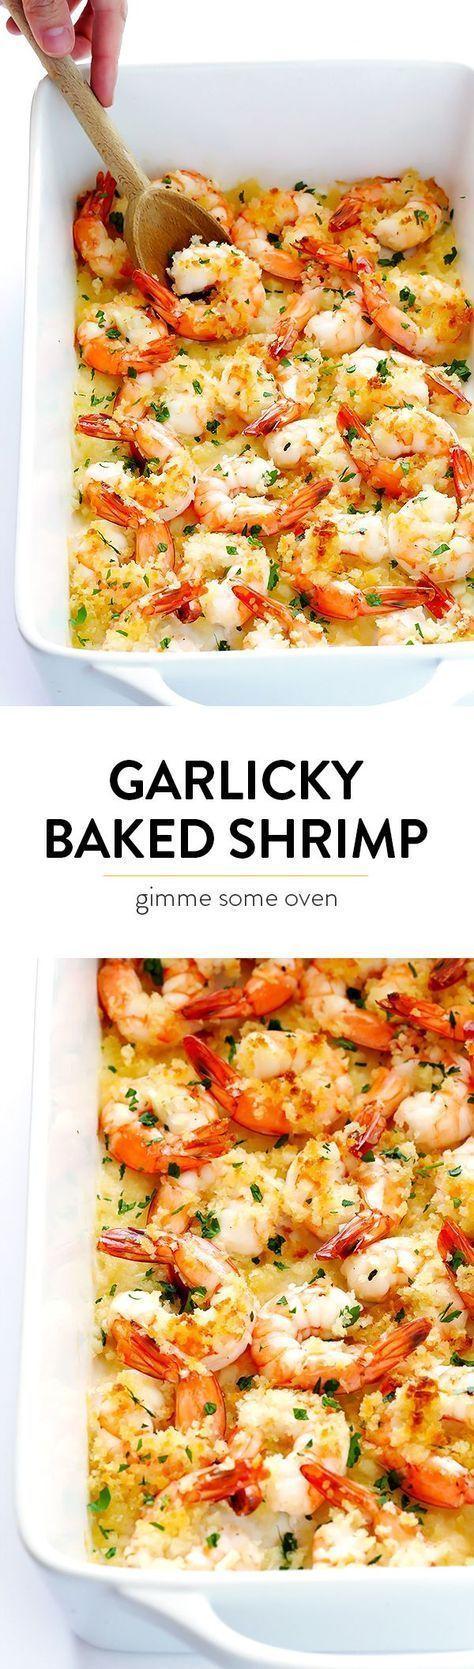 Garlicky Baked Shrimp | Gimme Some Oven -  Garlicky Baked Shrimp  - #baked #EasyFitness #FemaleFitne...